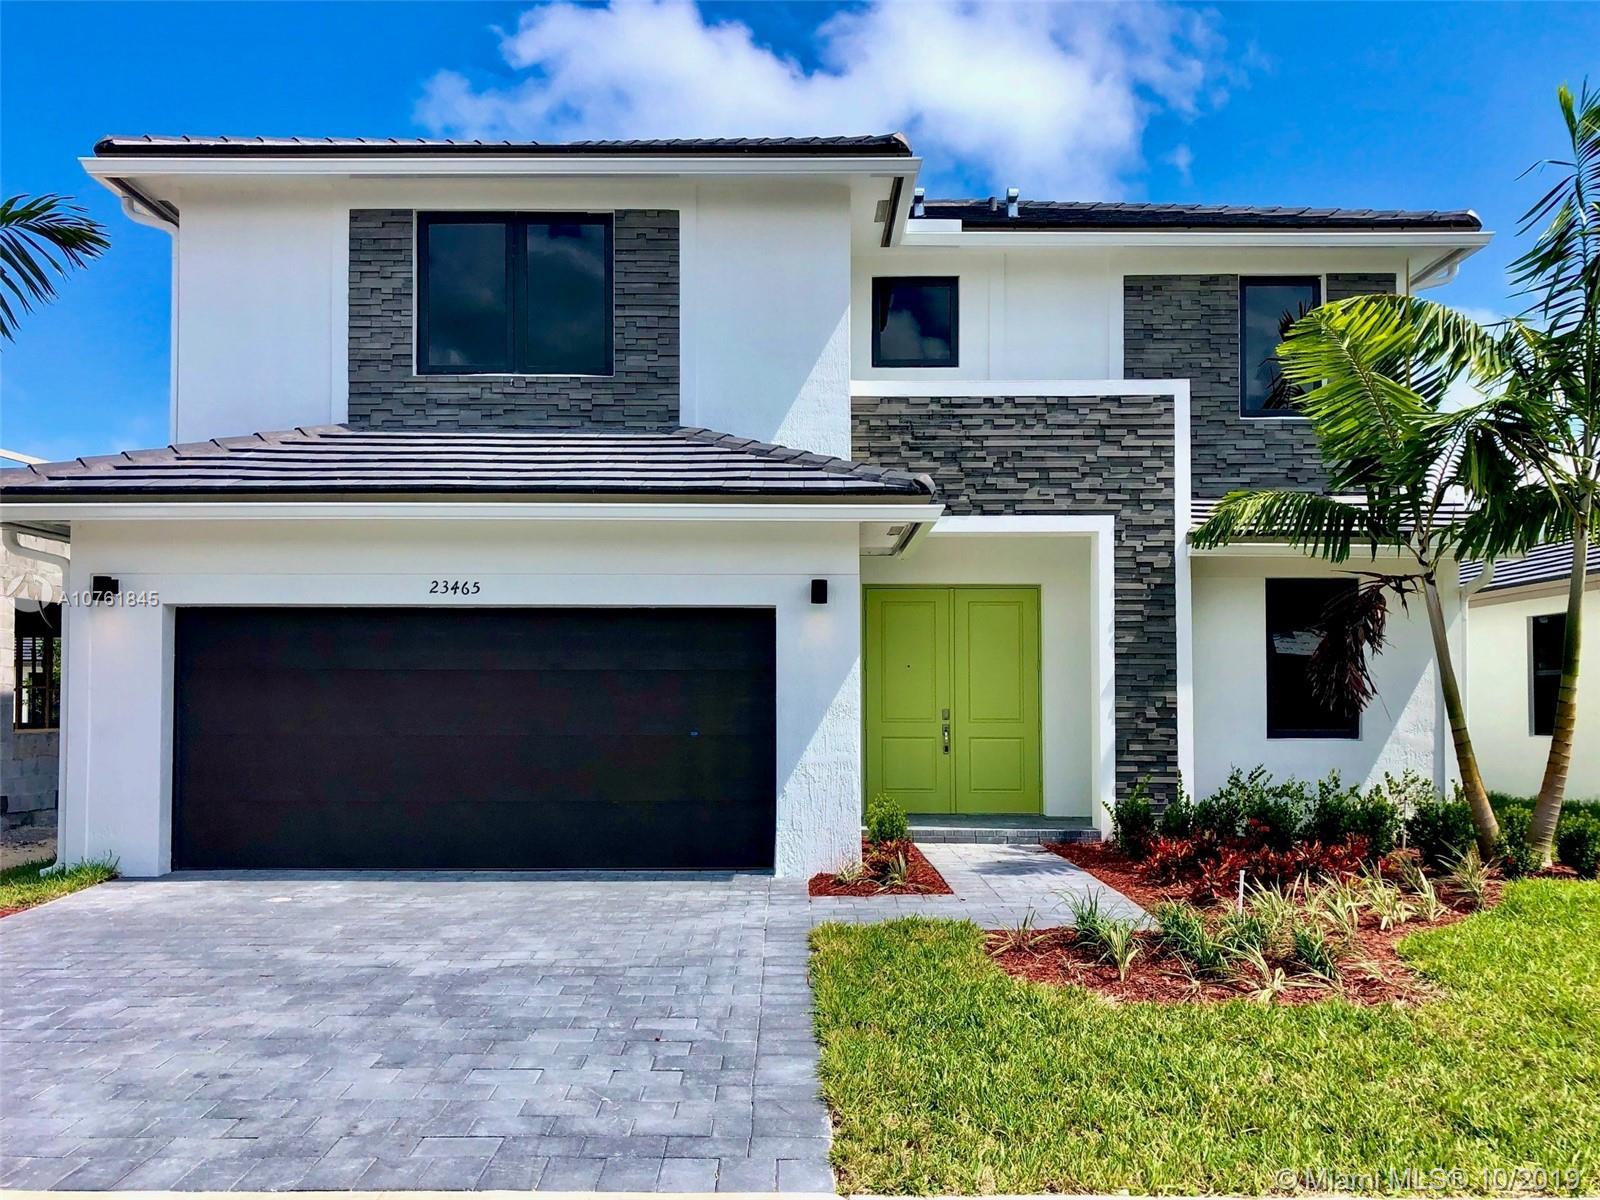 23465 SW 108th Ave, Miami, FL 33032 - Miami, FL real estate listing